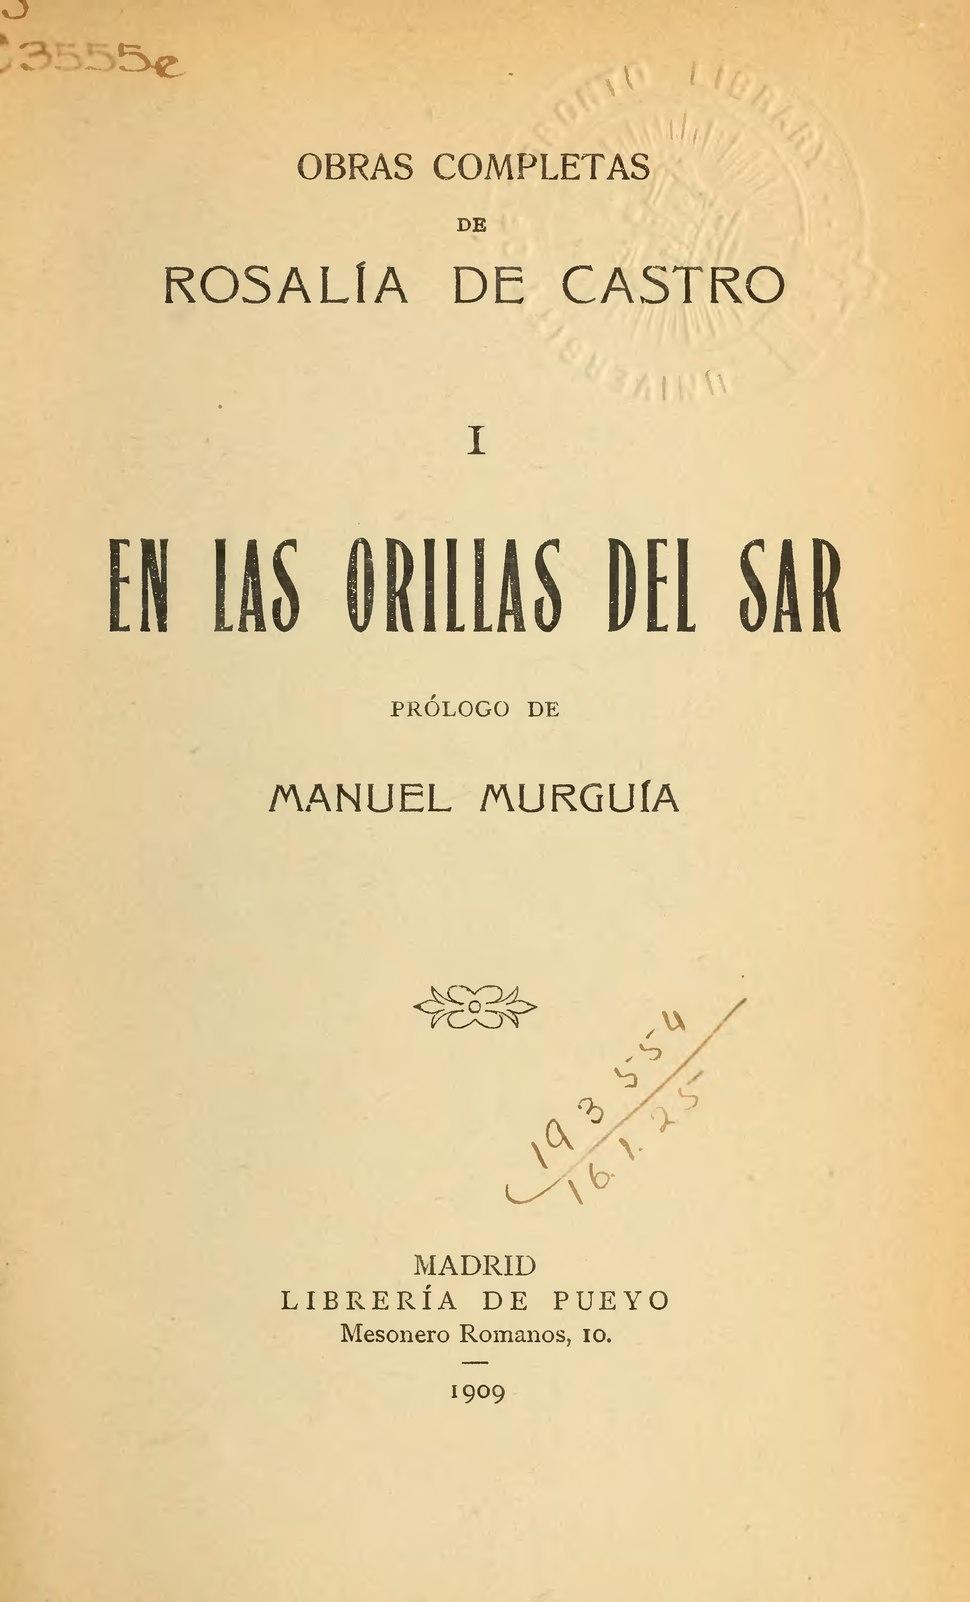 En las Orillas del Sar.djvu&page=13